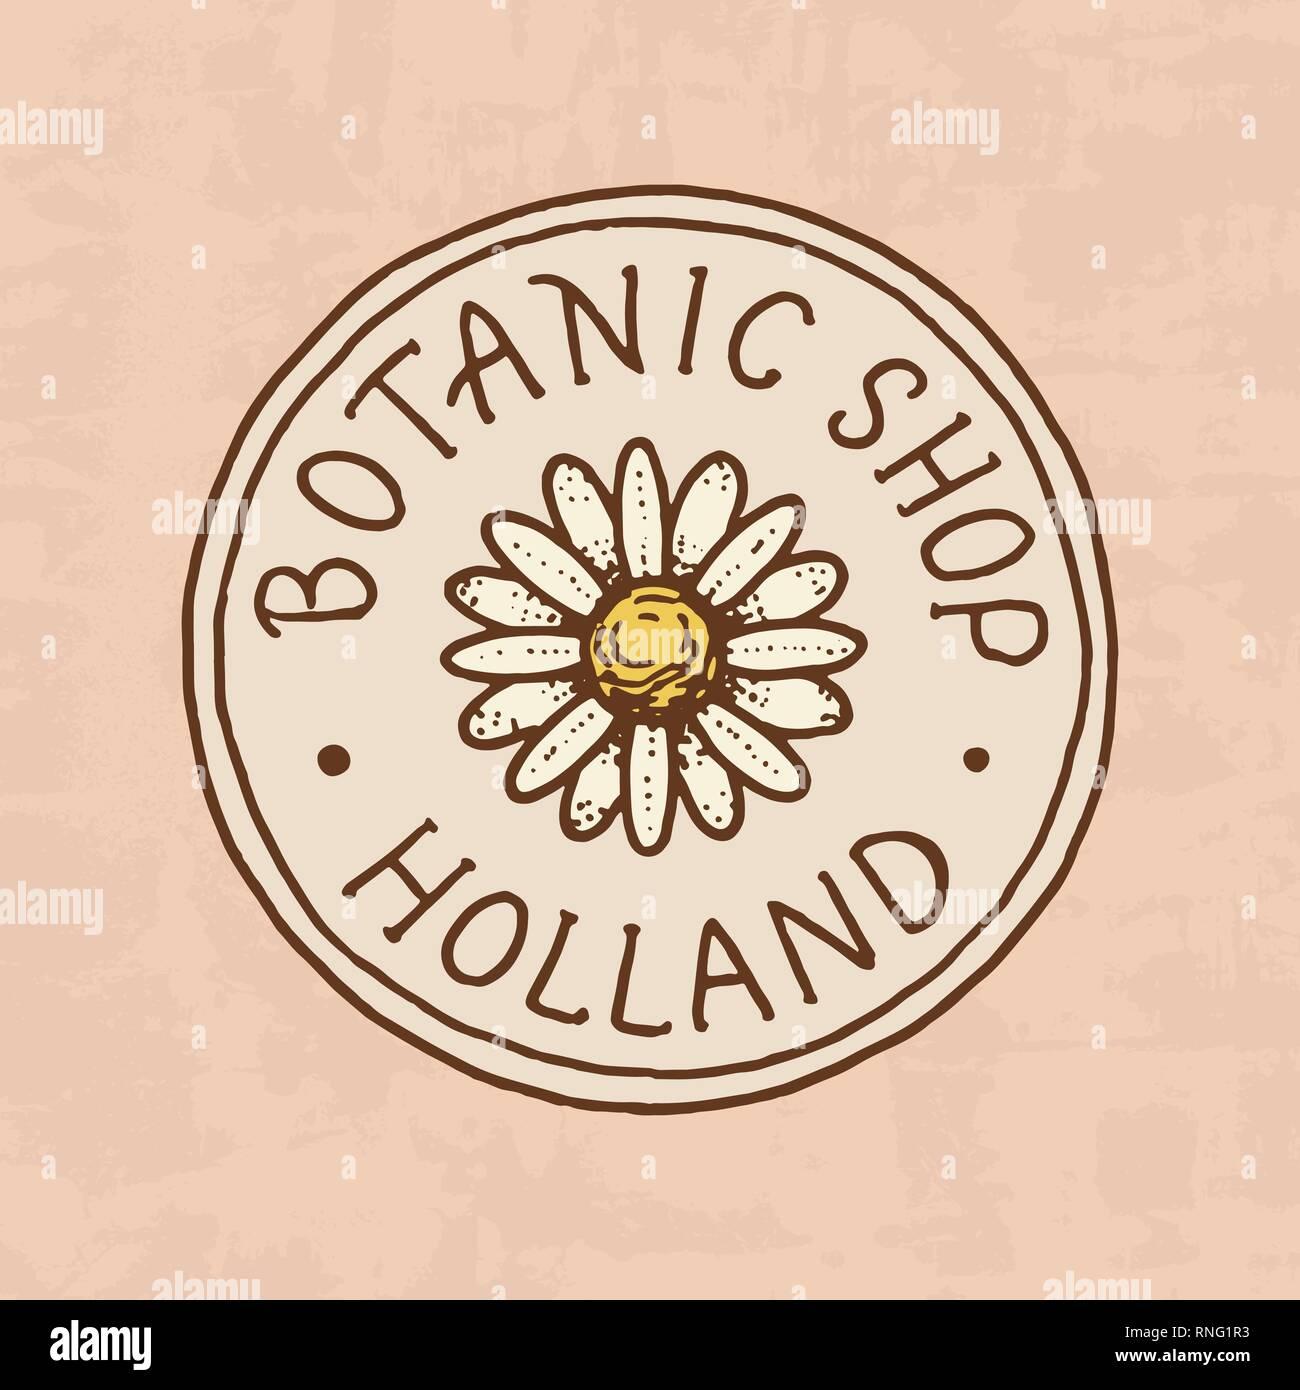 Tienda De Flores El Emblema O Logotipo De Brillante Vintage